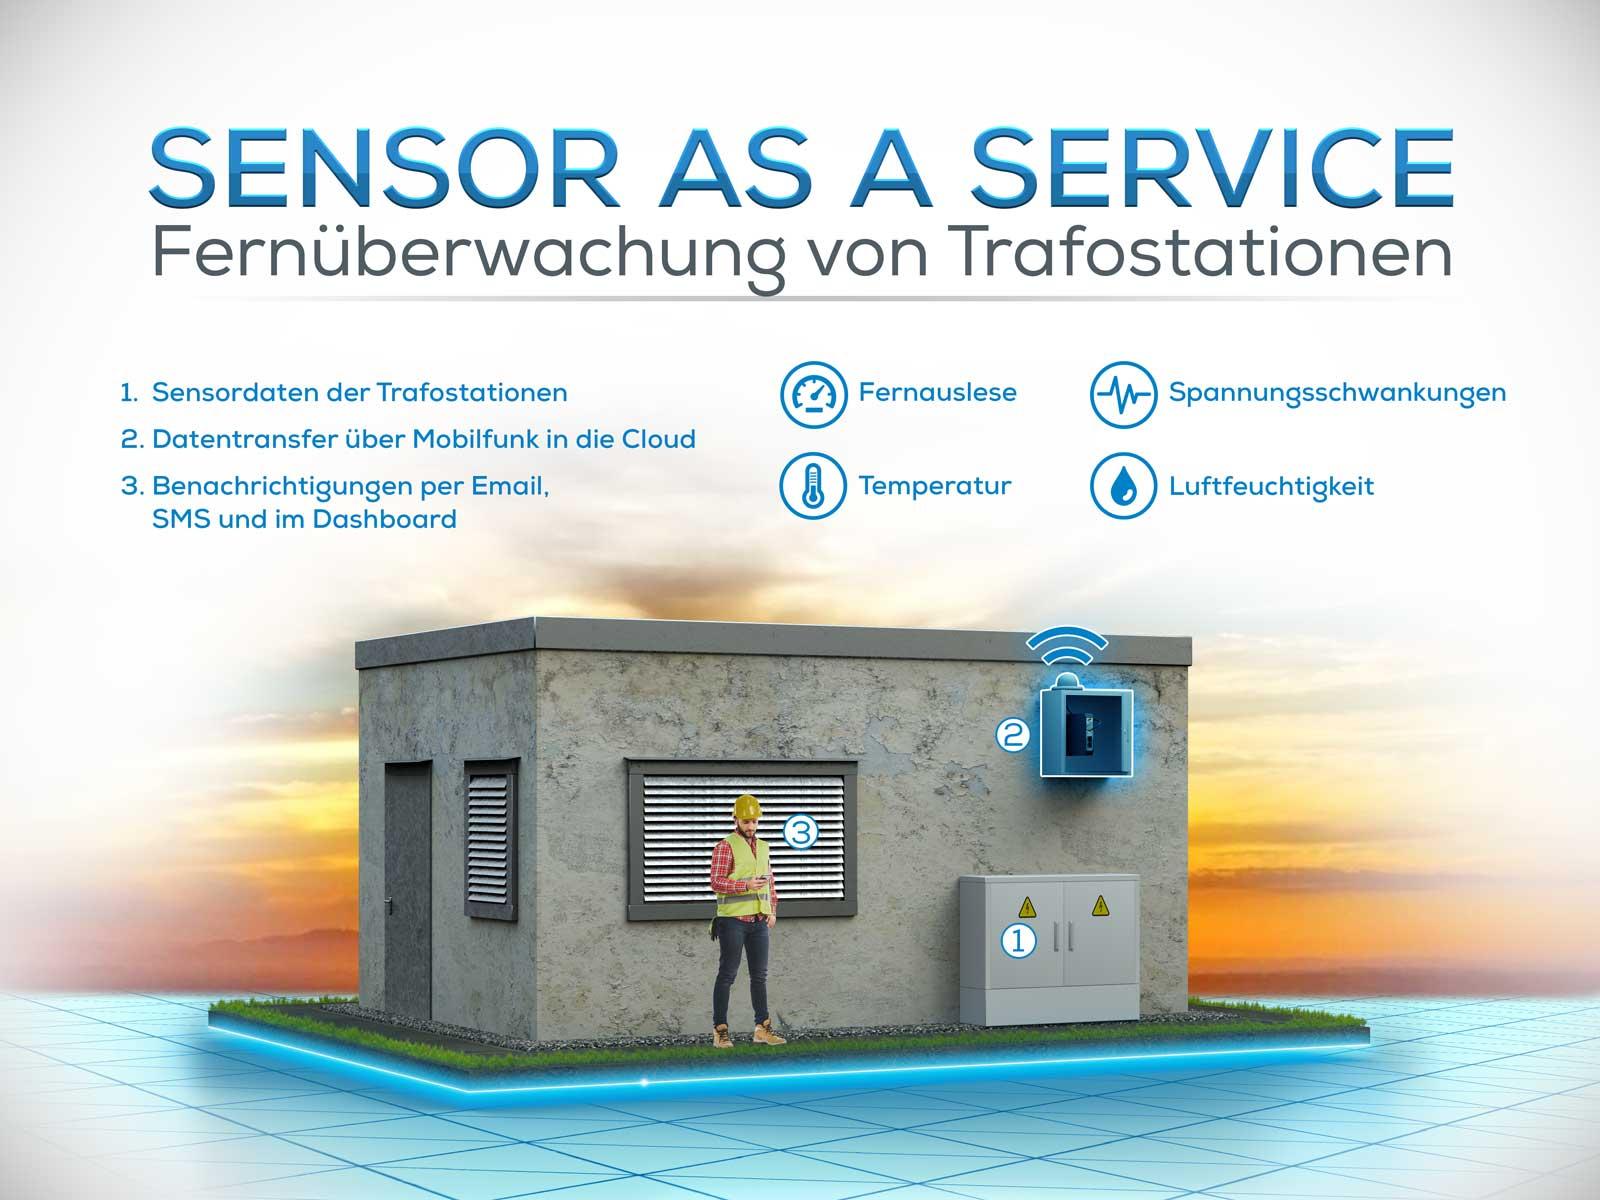 Sensor as a Service Business Modell: Fernüberwachung von Trafostationen / Umspannstationen